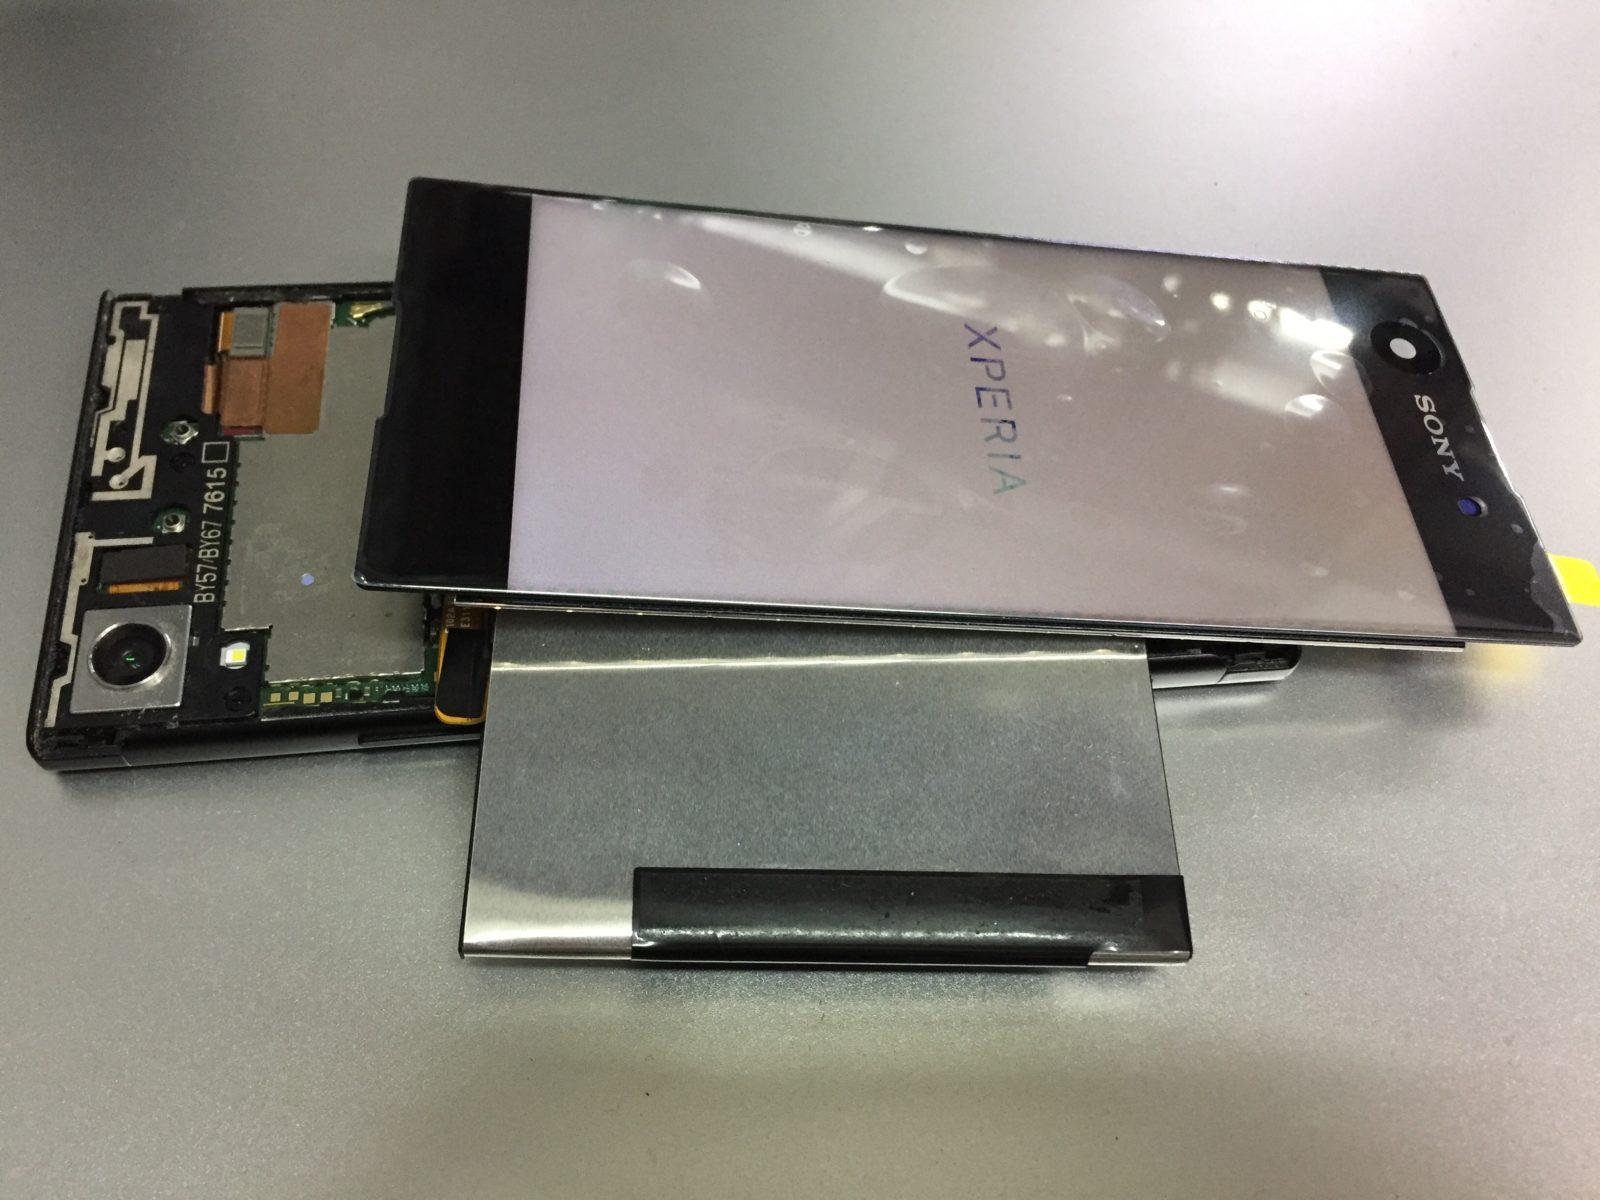 Xperia XA1 G3121 разбилось стекло. Ремонт  и замена экрана